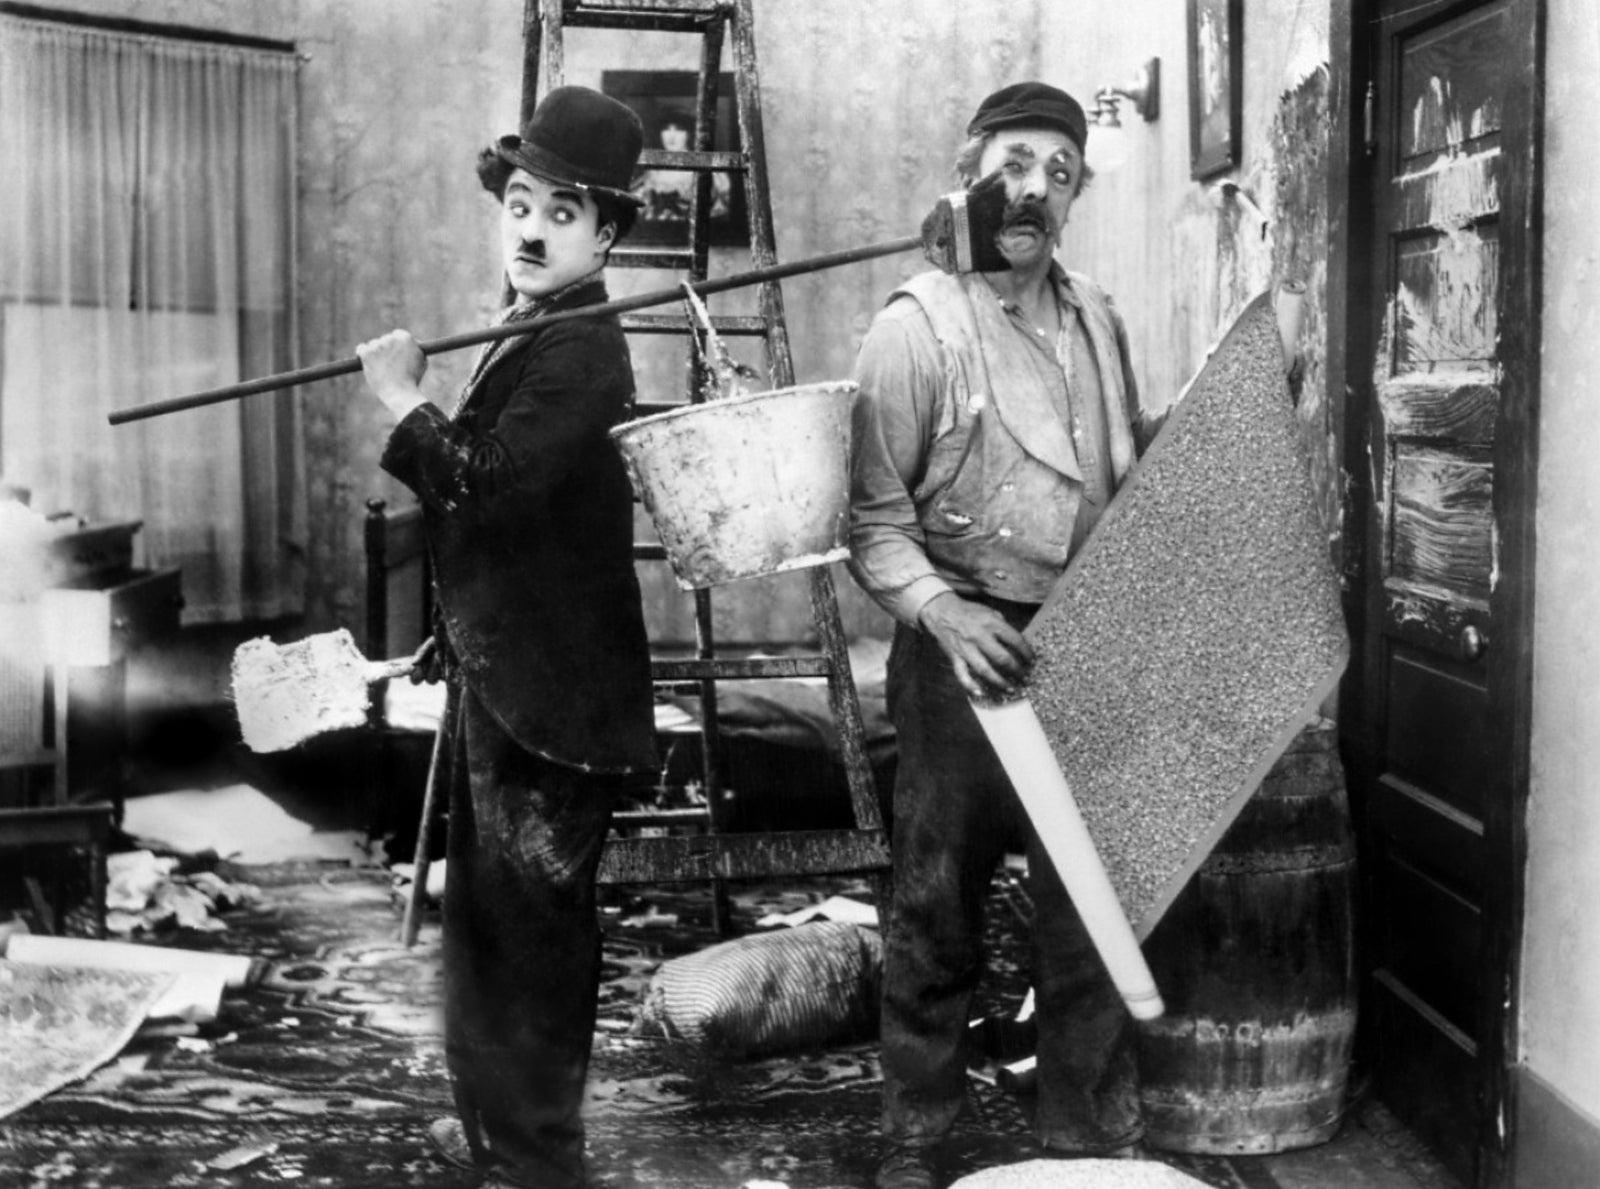 fotografía en blanco y negro de Charles Chaplin